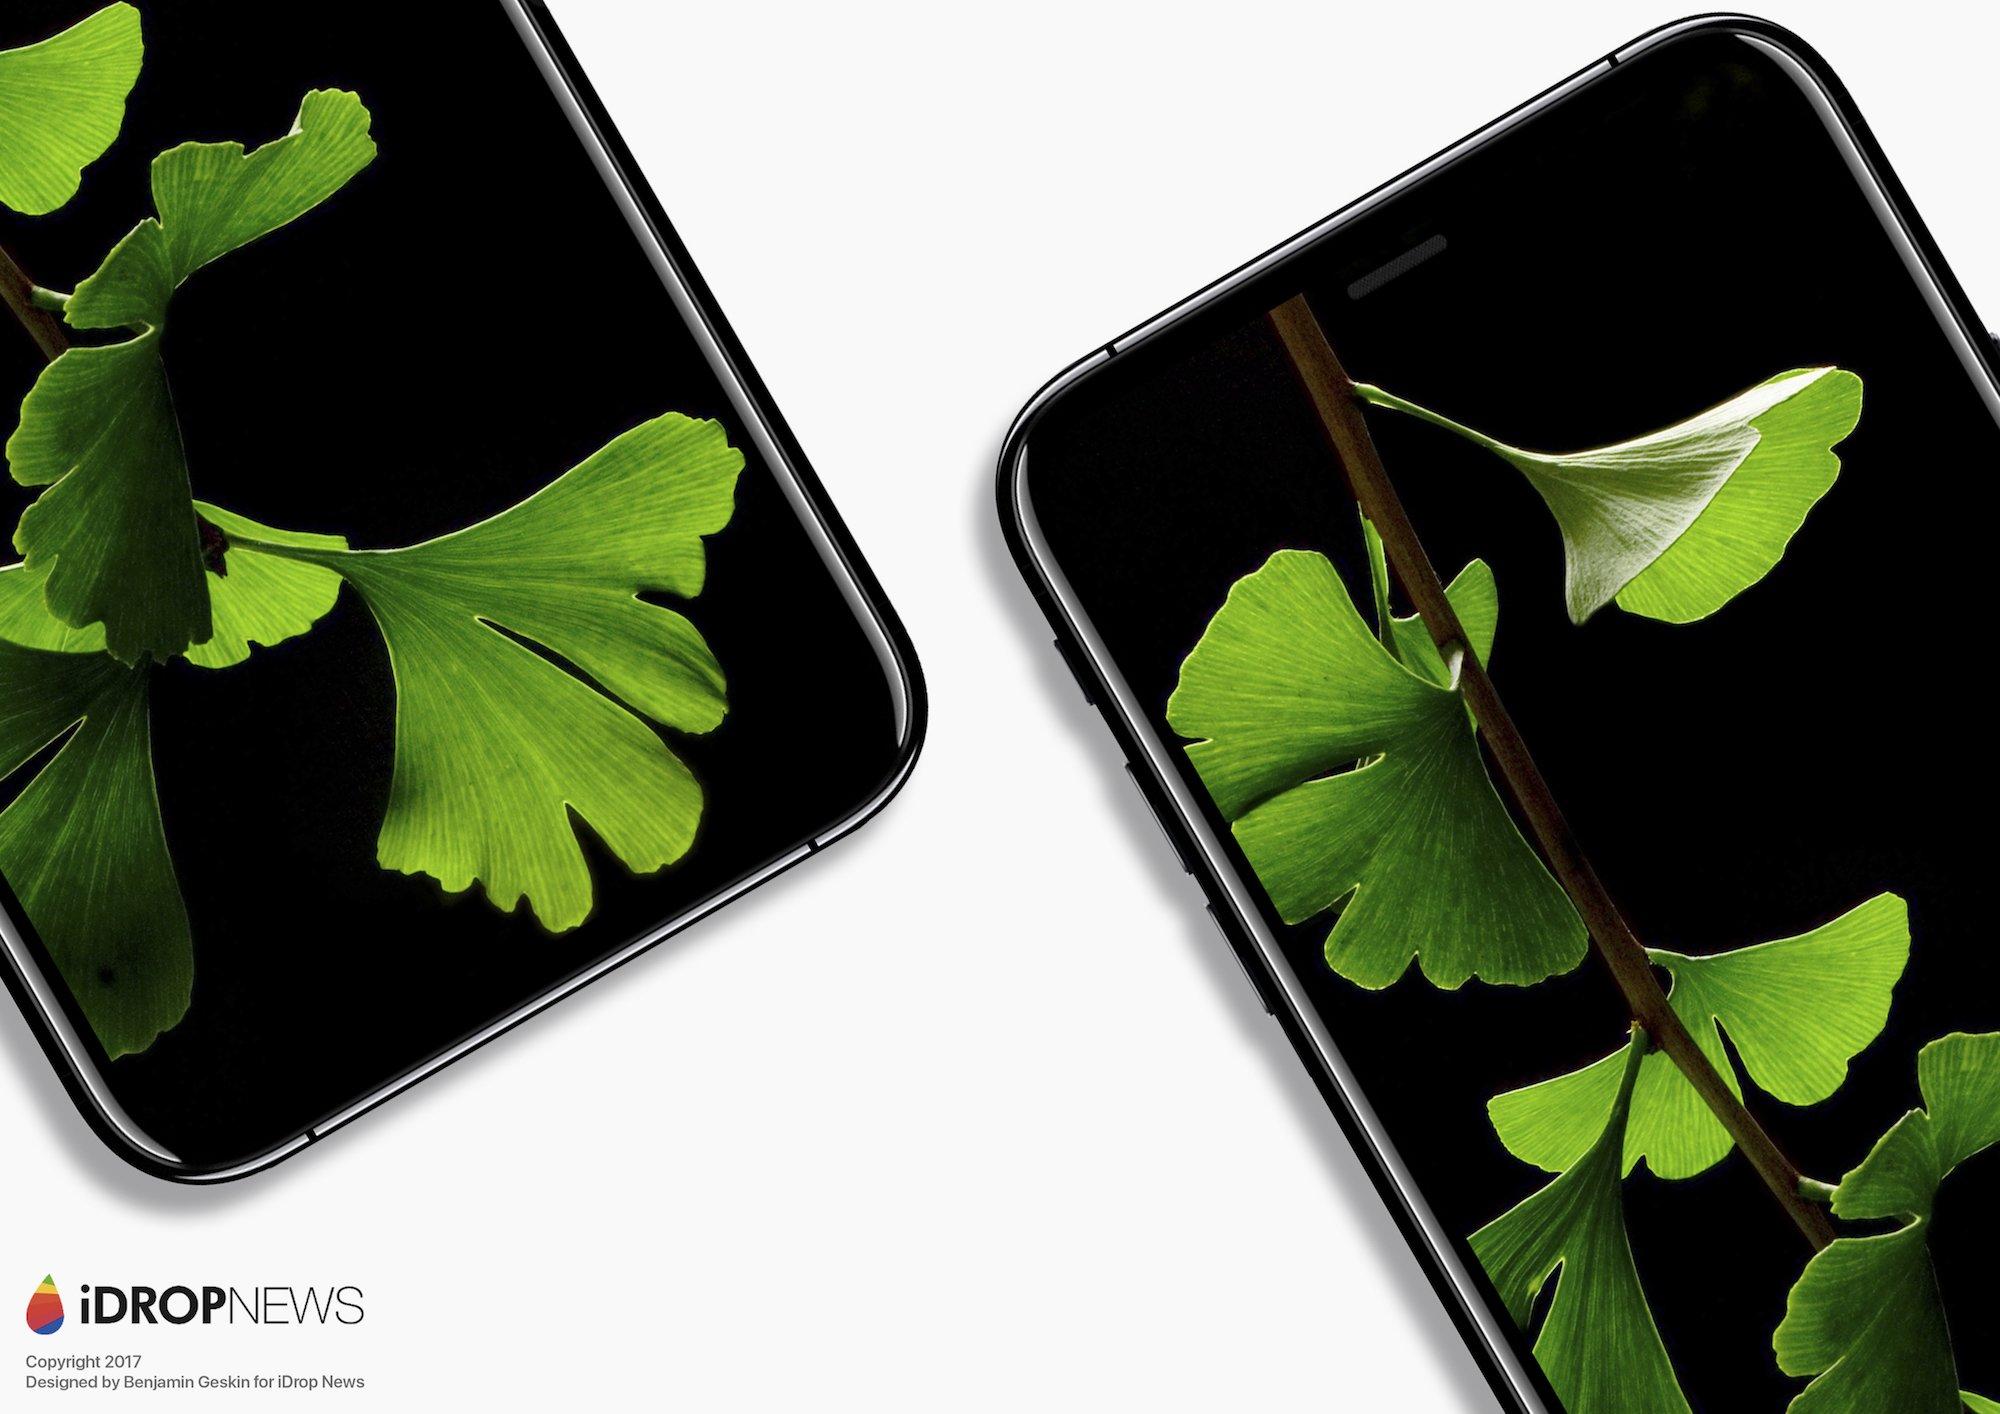 Sklep internetowy niechcący publikuje listę urządzeń Apple, które zobaczymy dzisiejszego wieczora 29